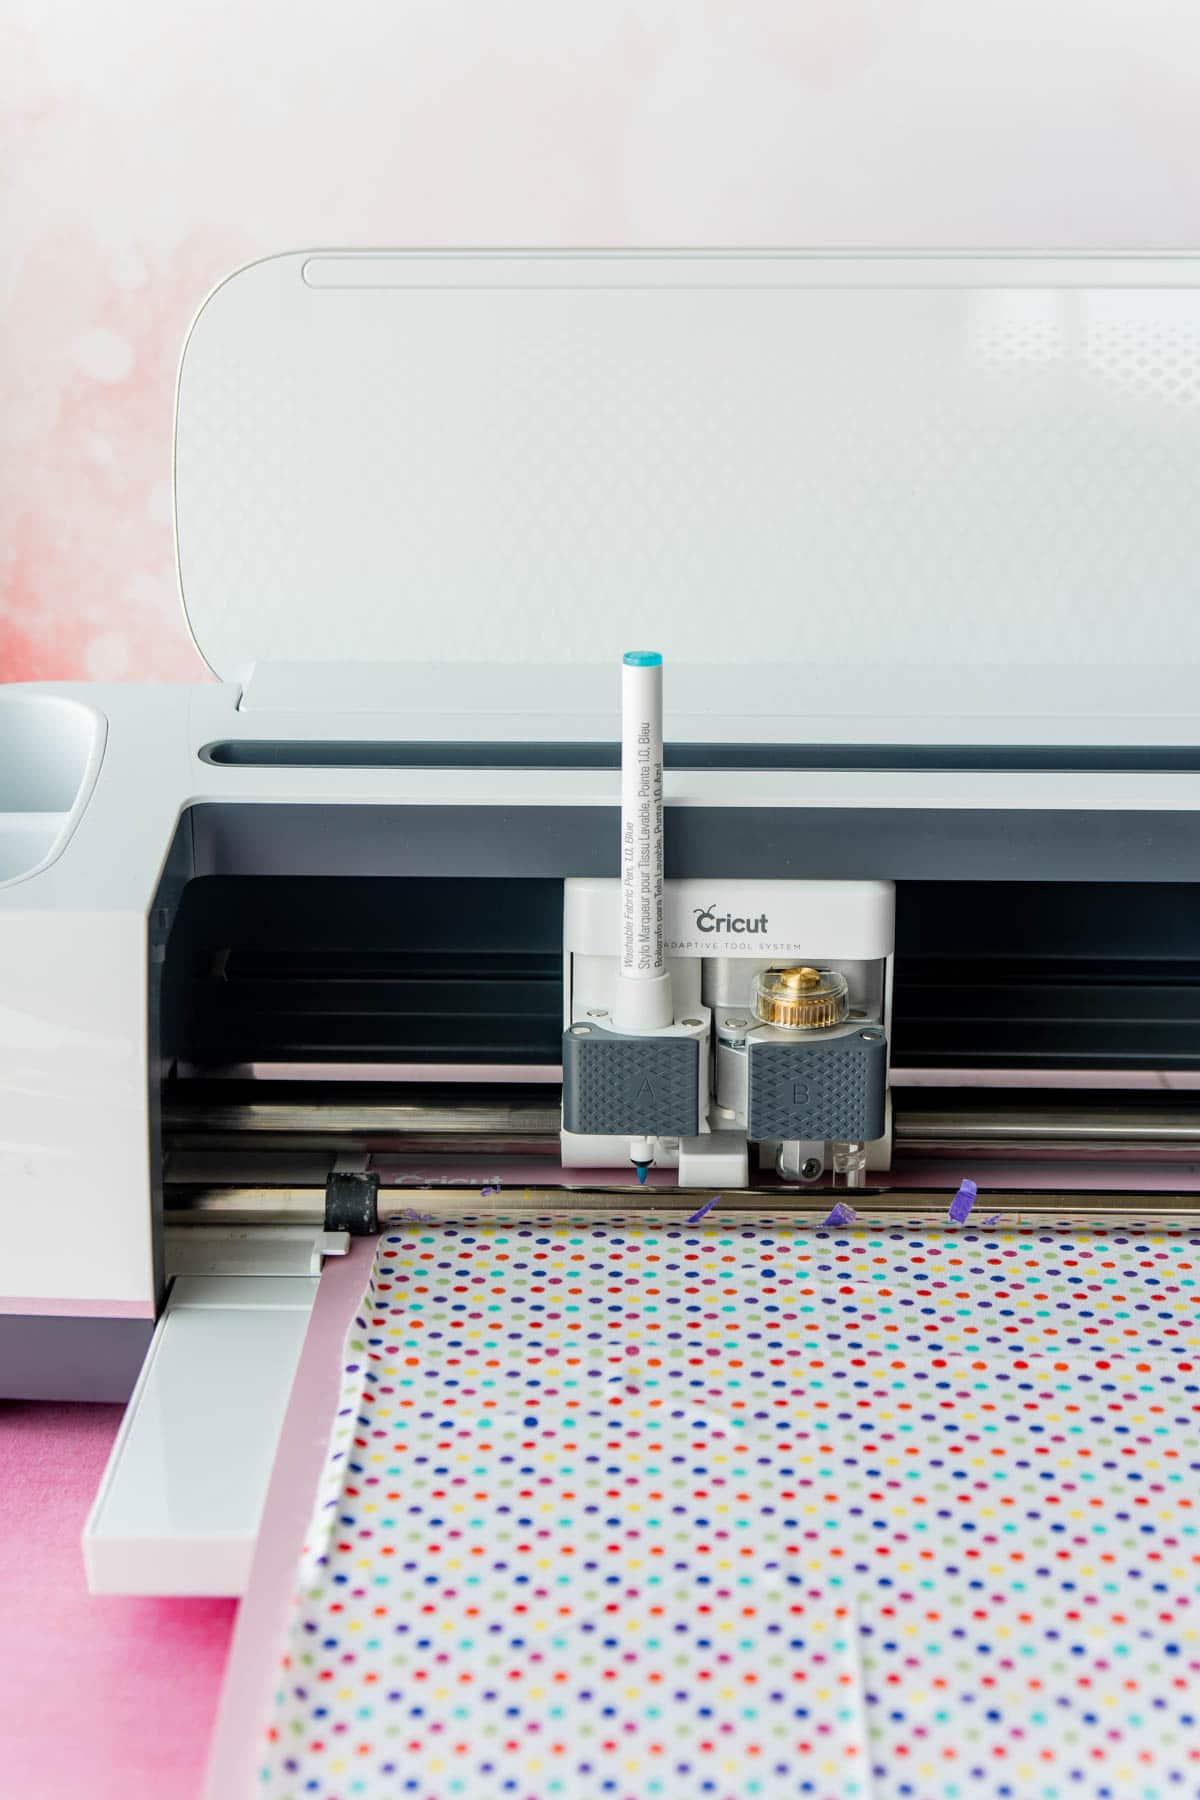 Cricut Maker cutting polka dot fabric